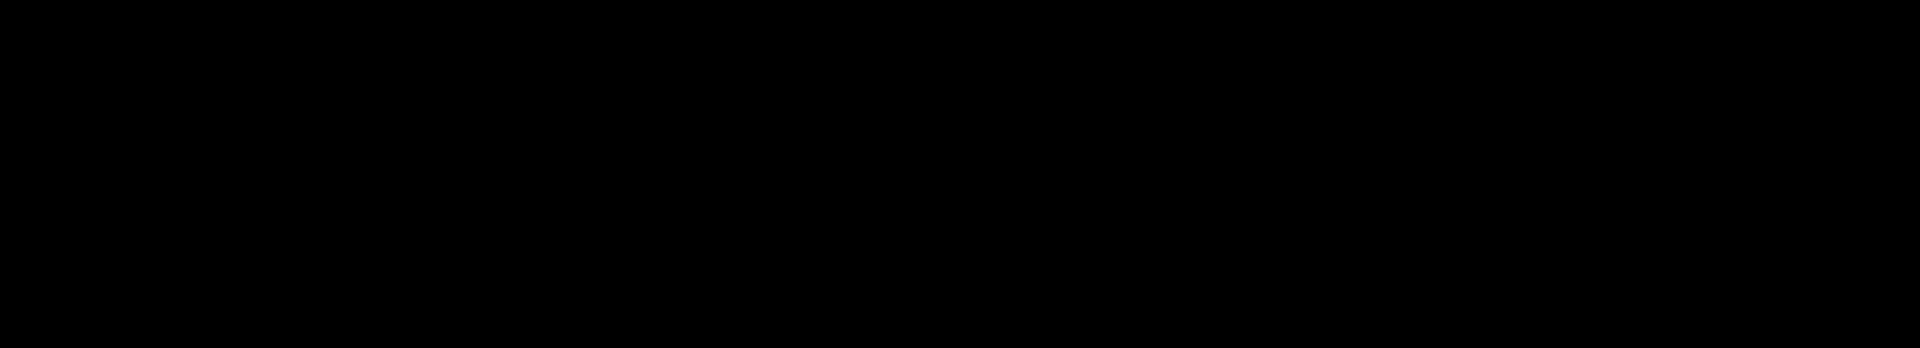 Naetur